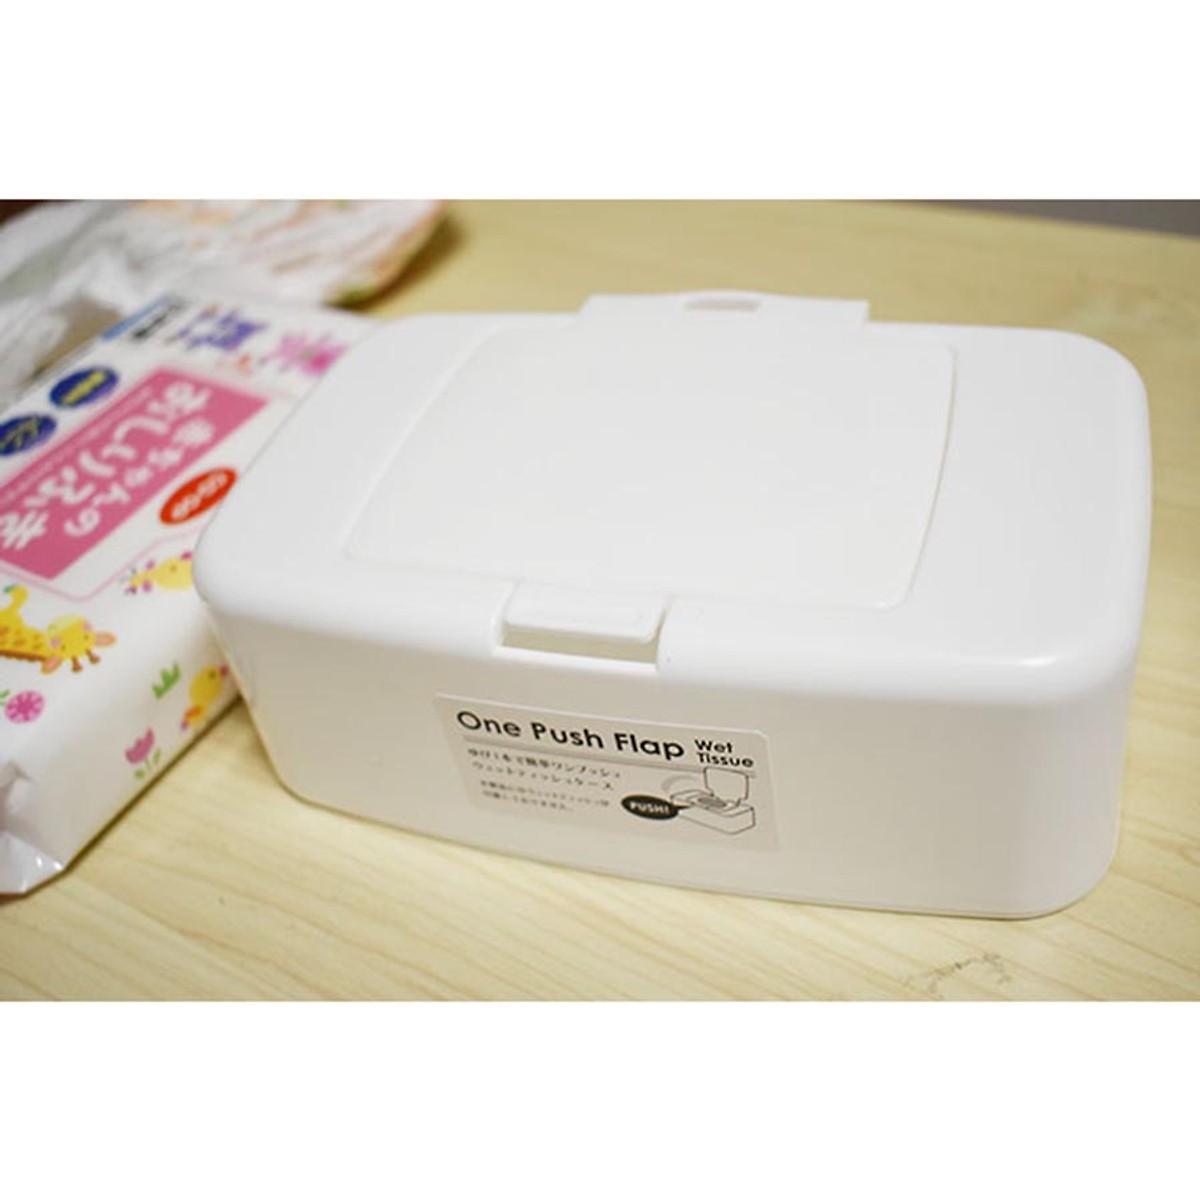 Hộp Đựng Giấy Ướt Thay Thế Nhật Bản + Tặng Gói Hồng Trà Sữa (Cafe) Maccaca